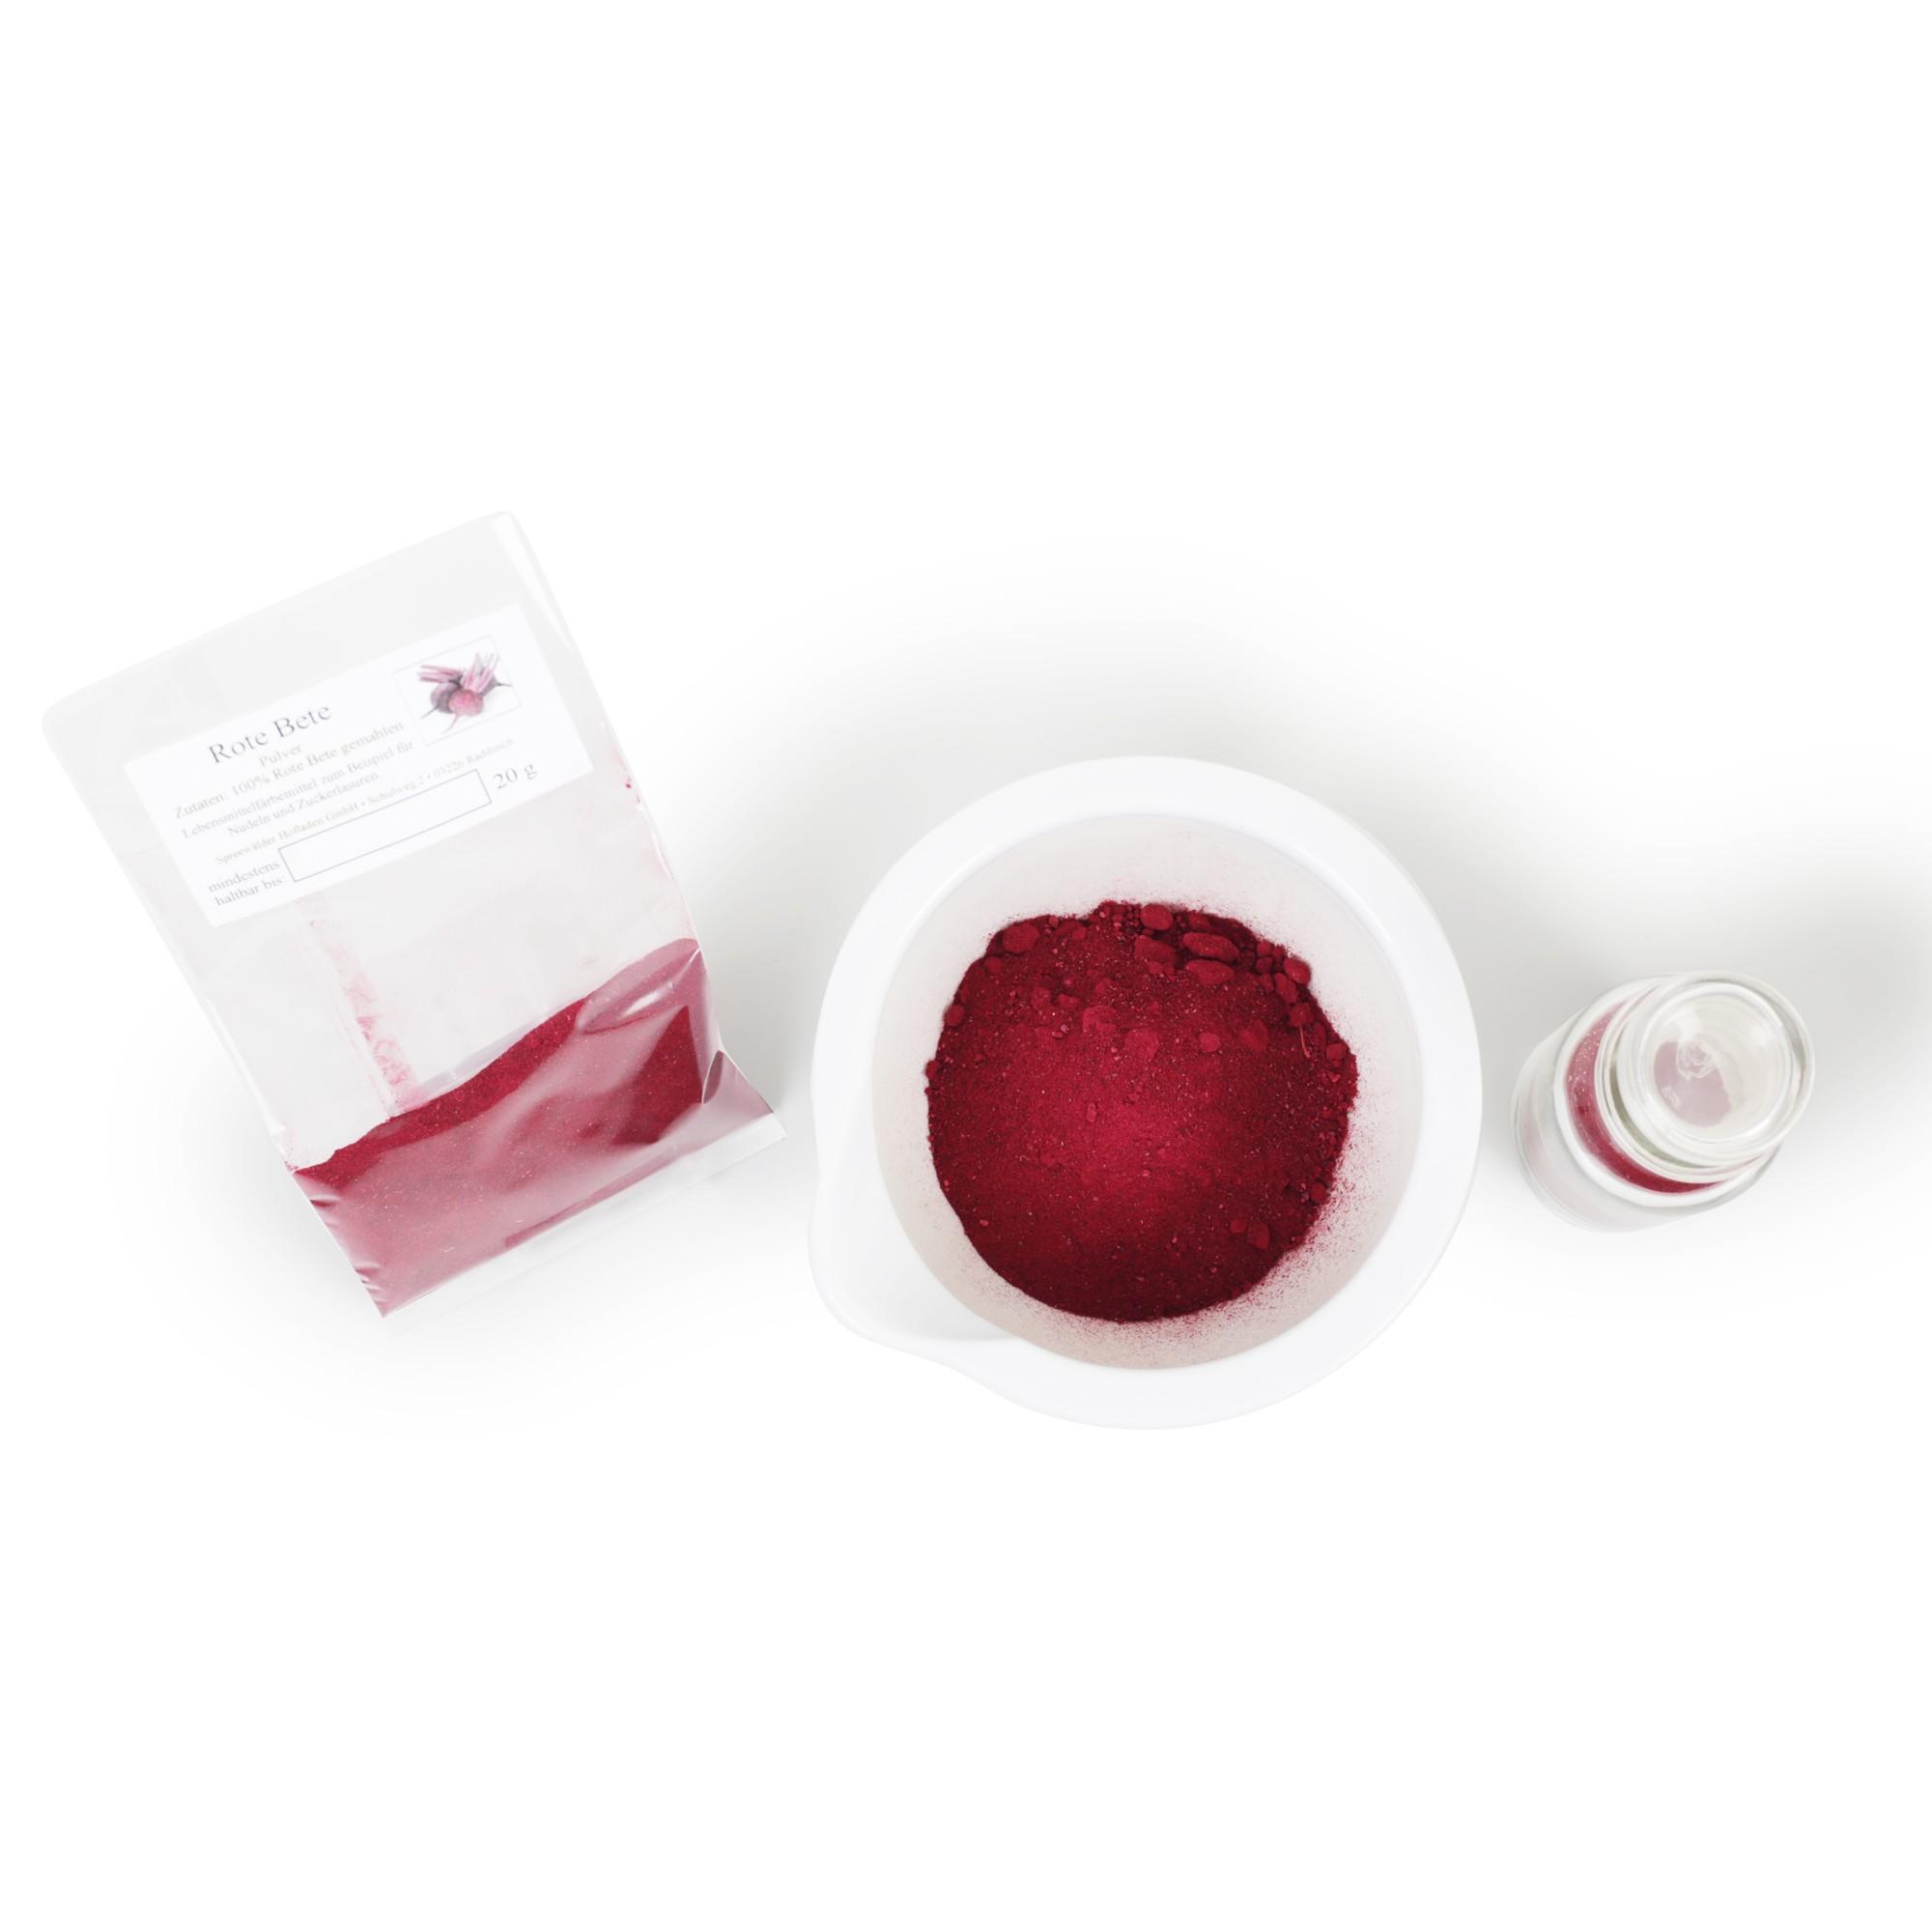 Rote Beete Pulver Rote Bete Pulver 20g Natürliche